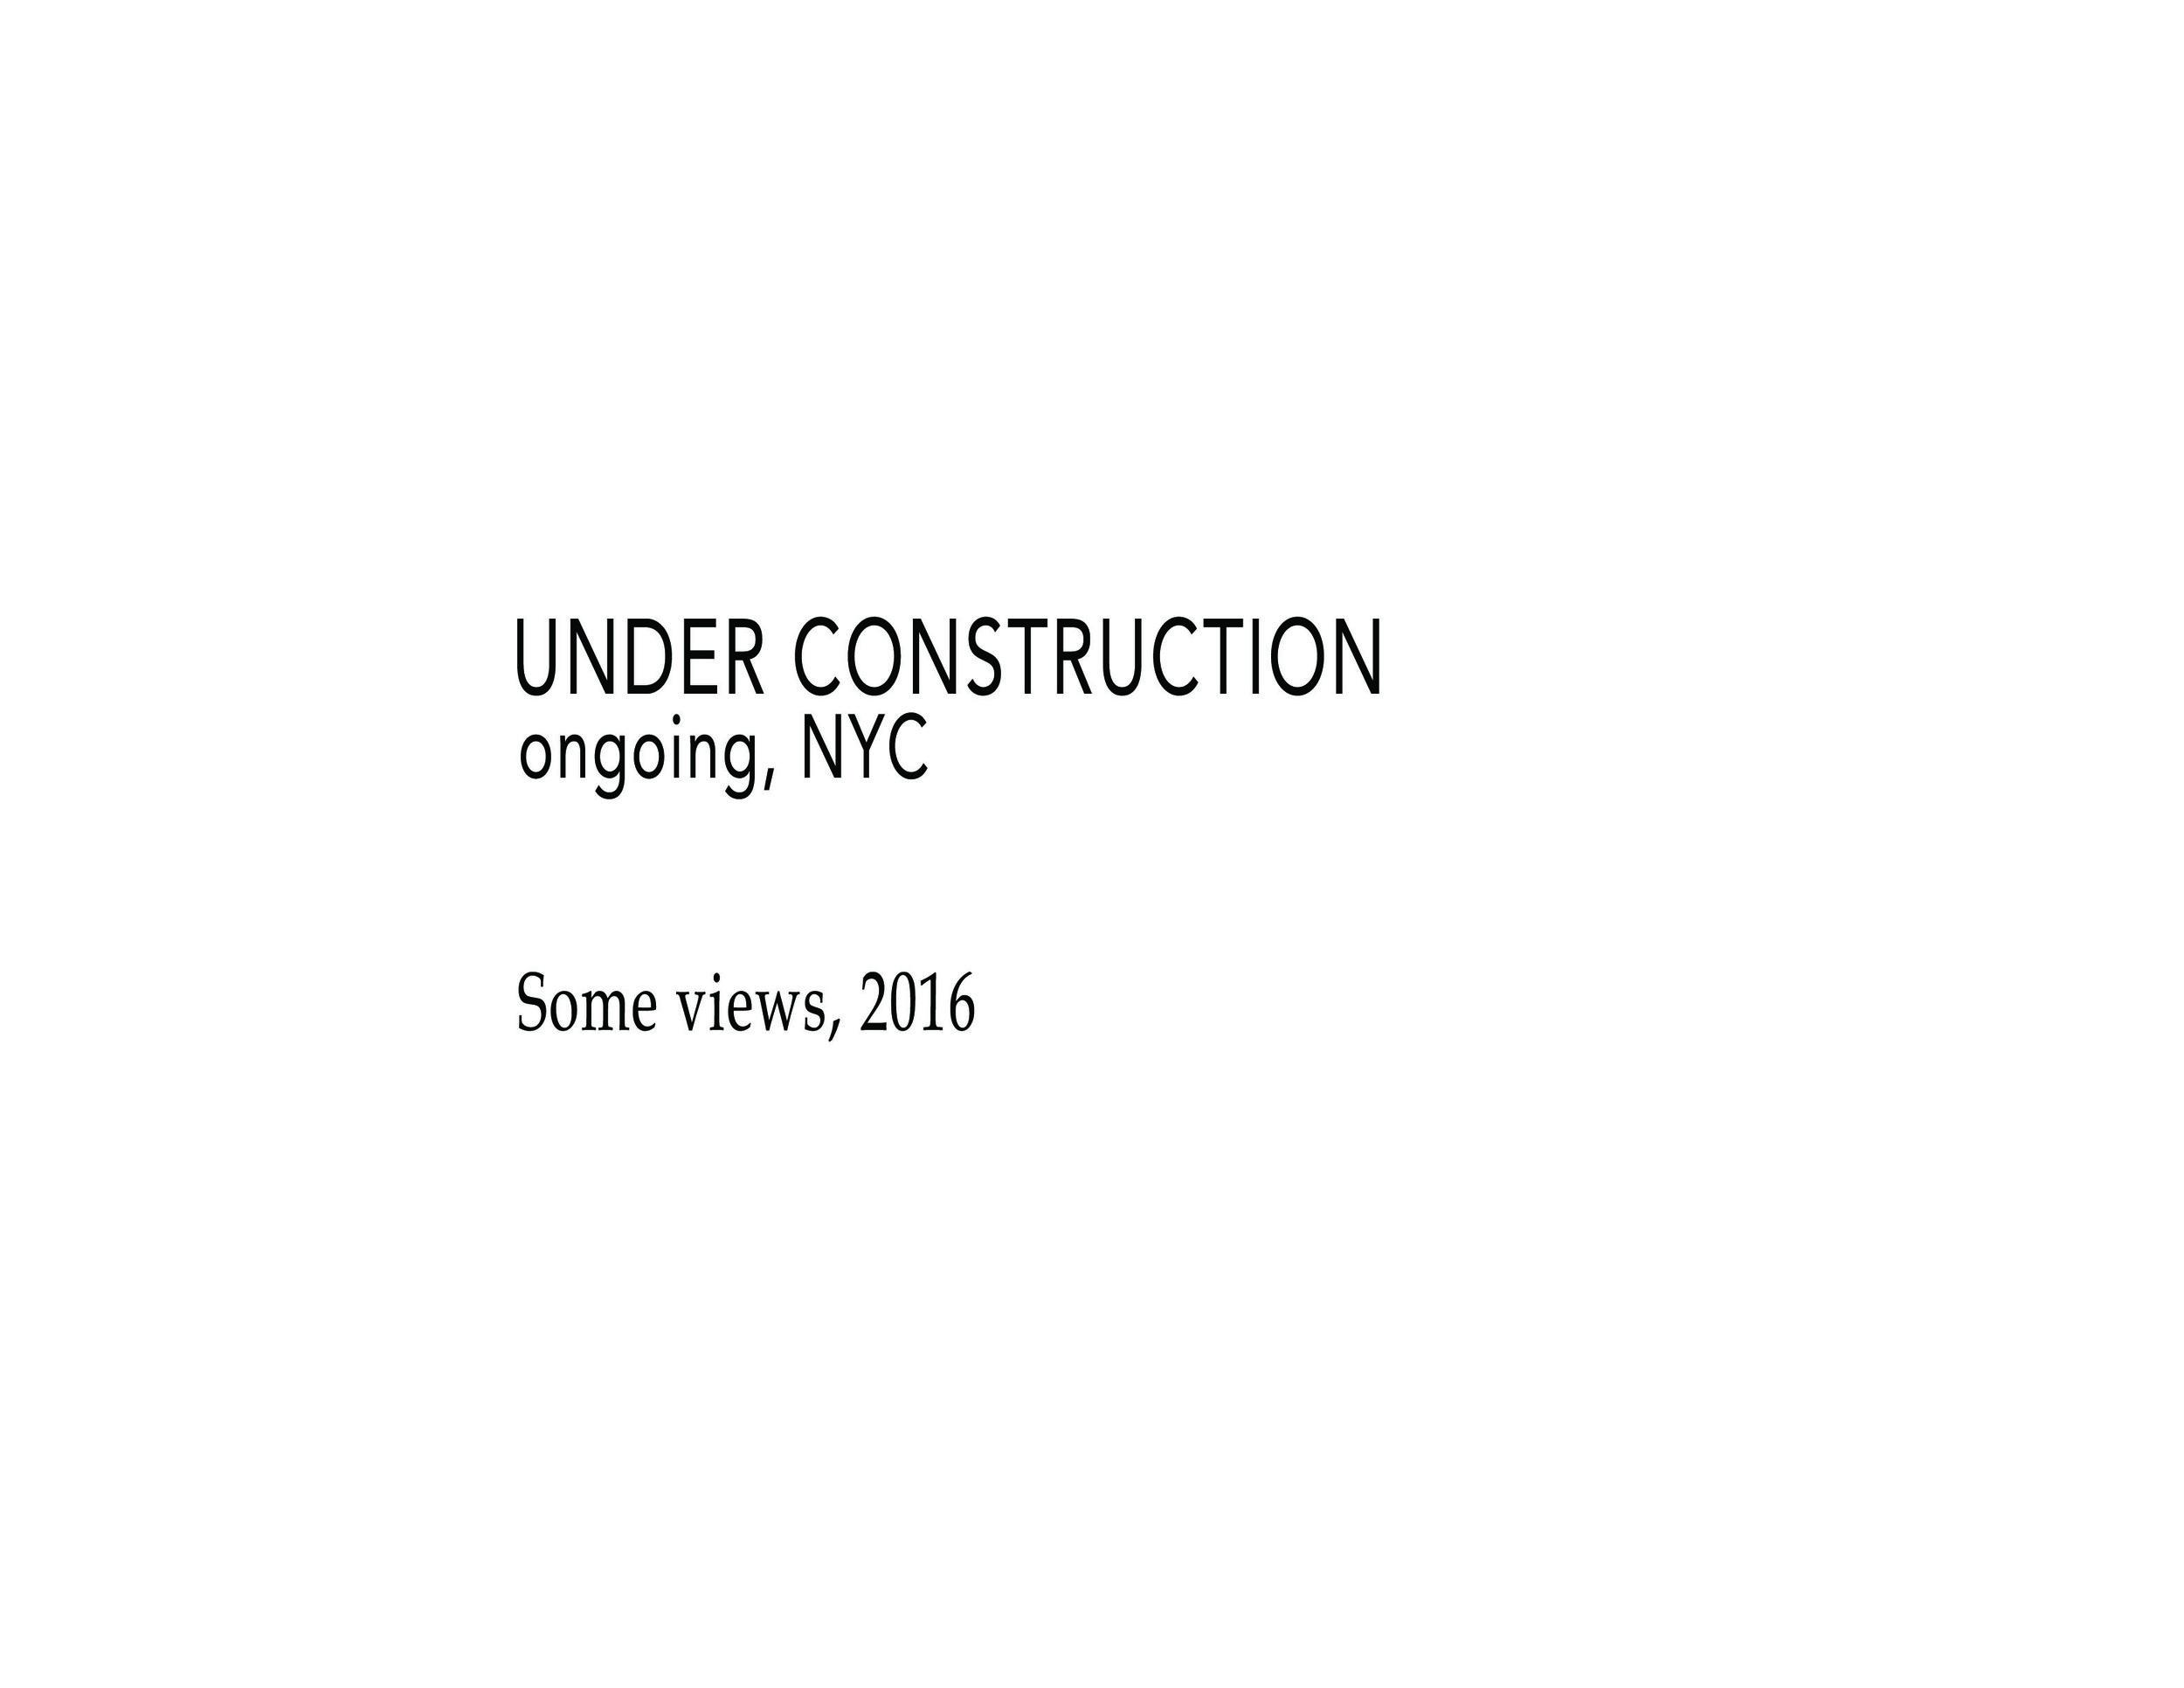 Under construction card.jpg